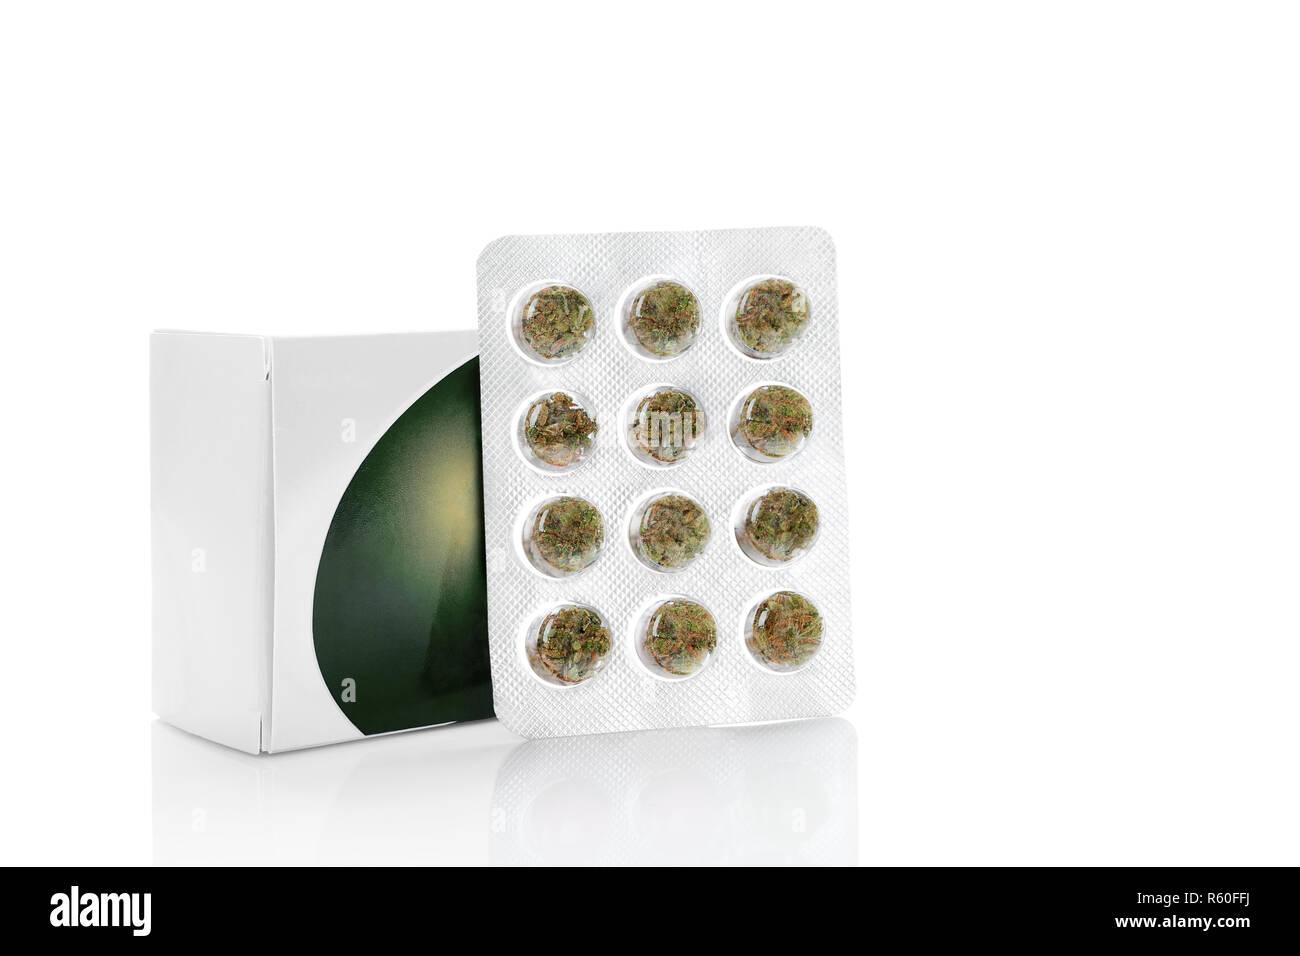 Medical Marijuana concept - Stock Image